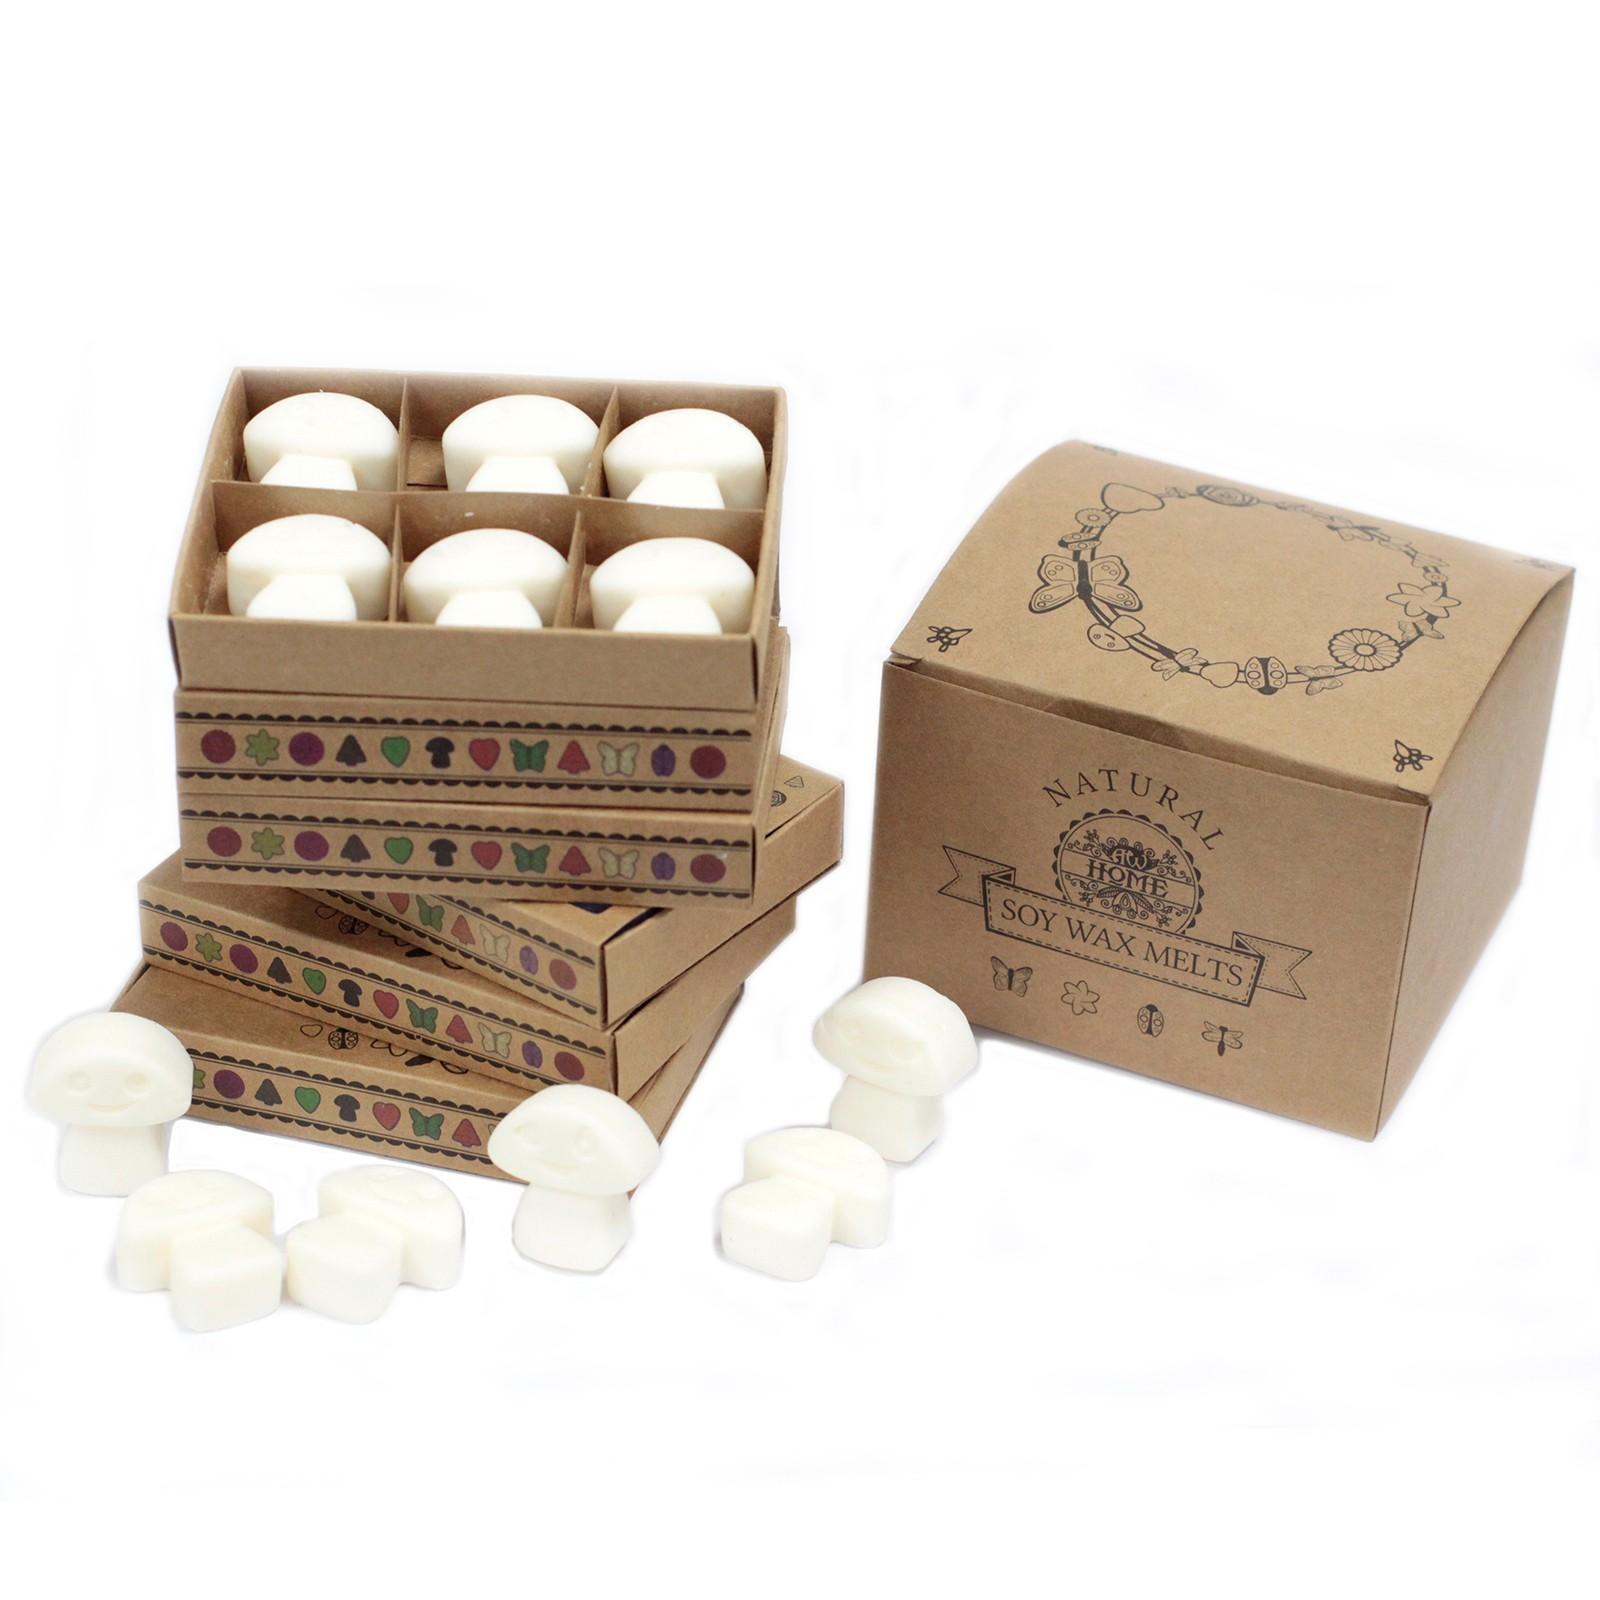 Box of 6 Wax Melts White Musk